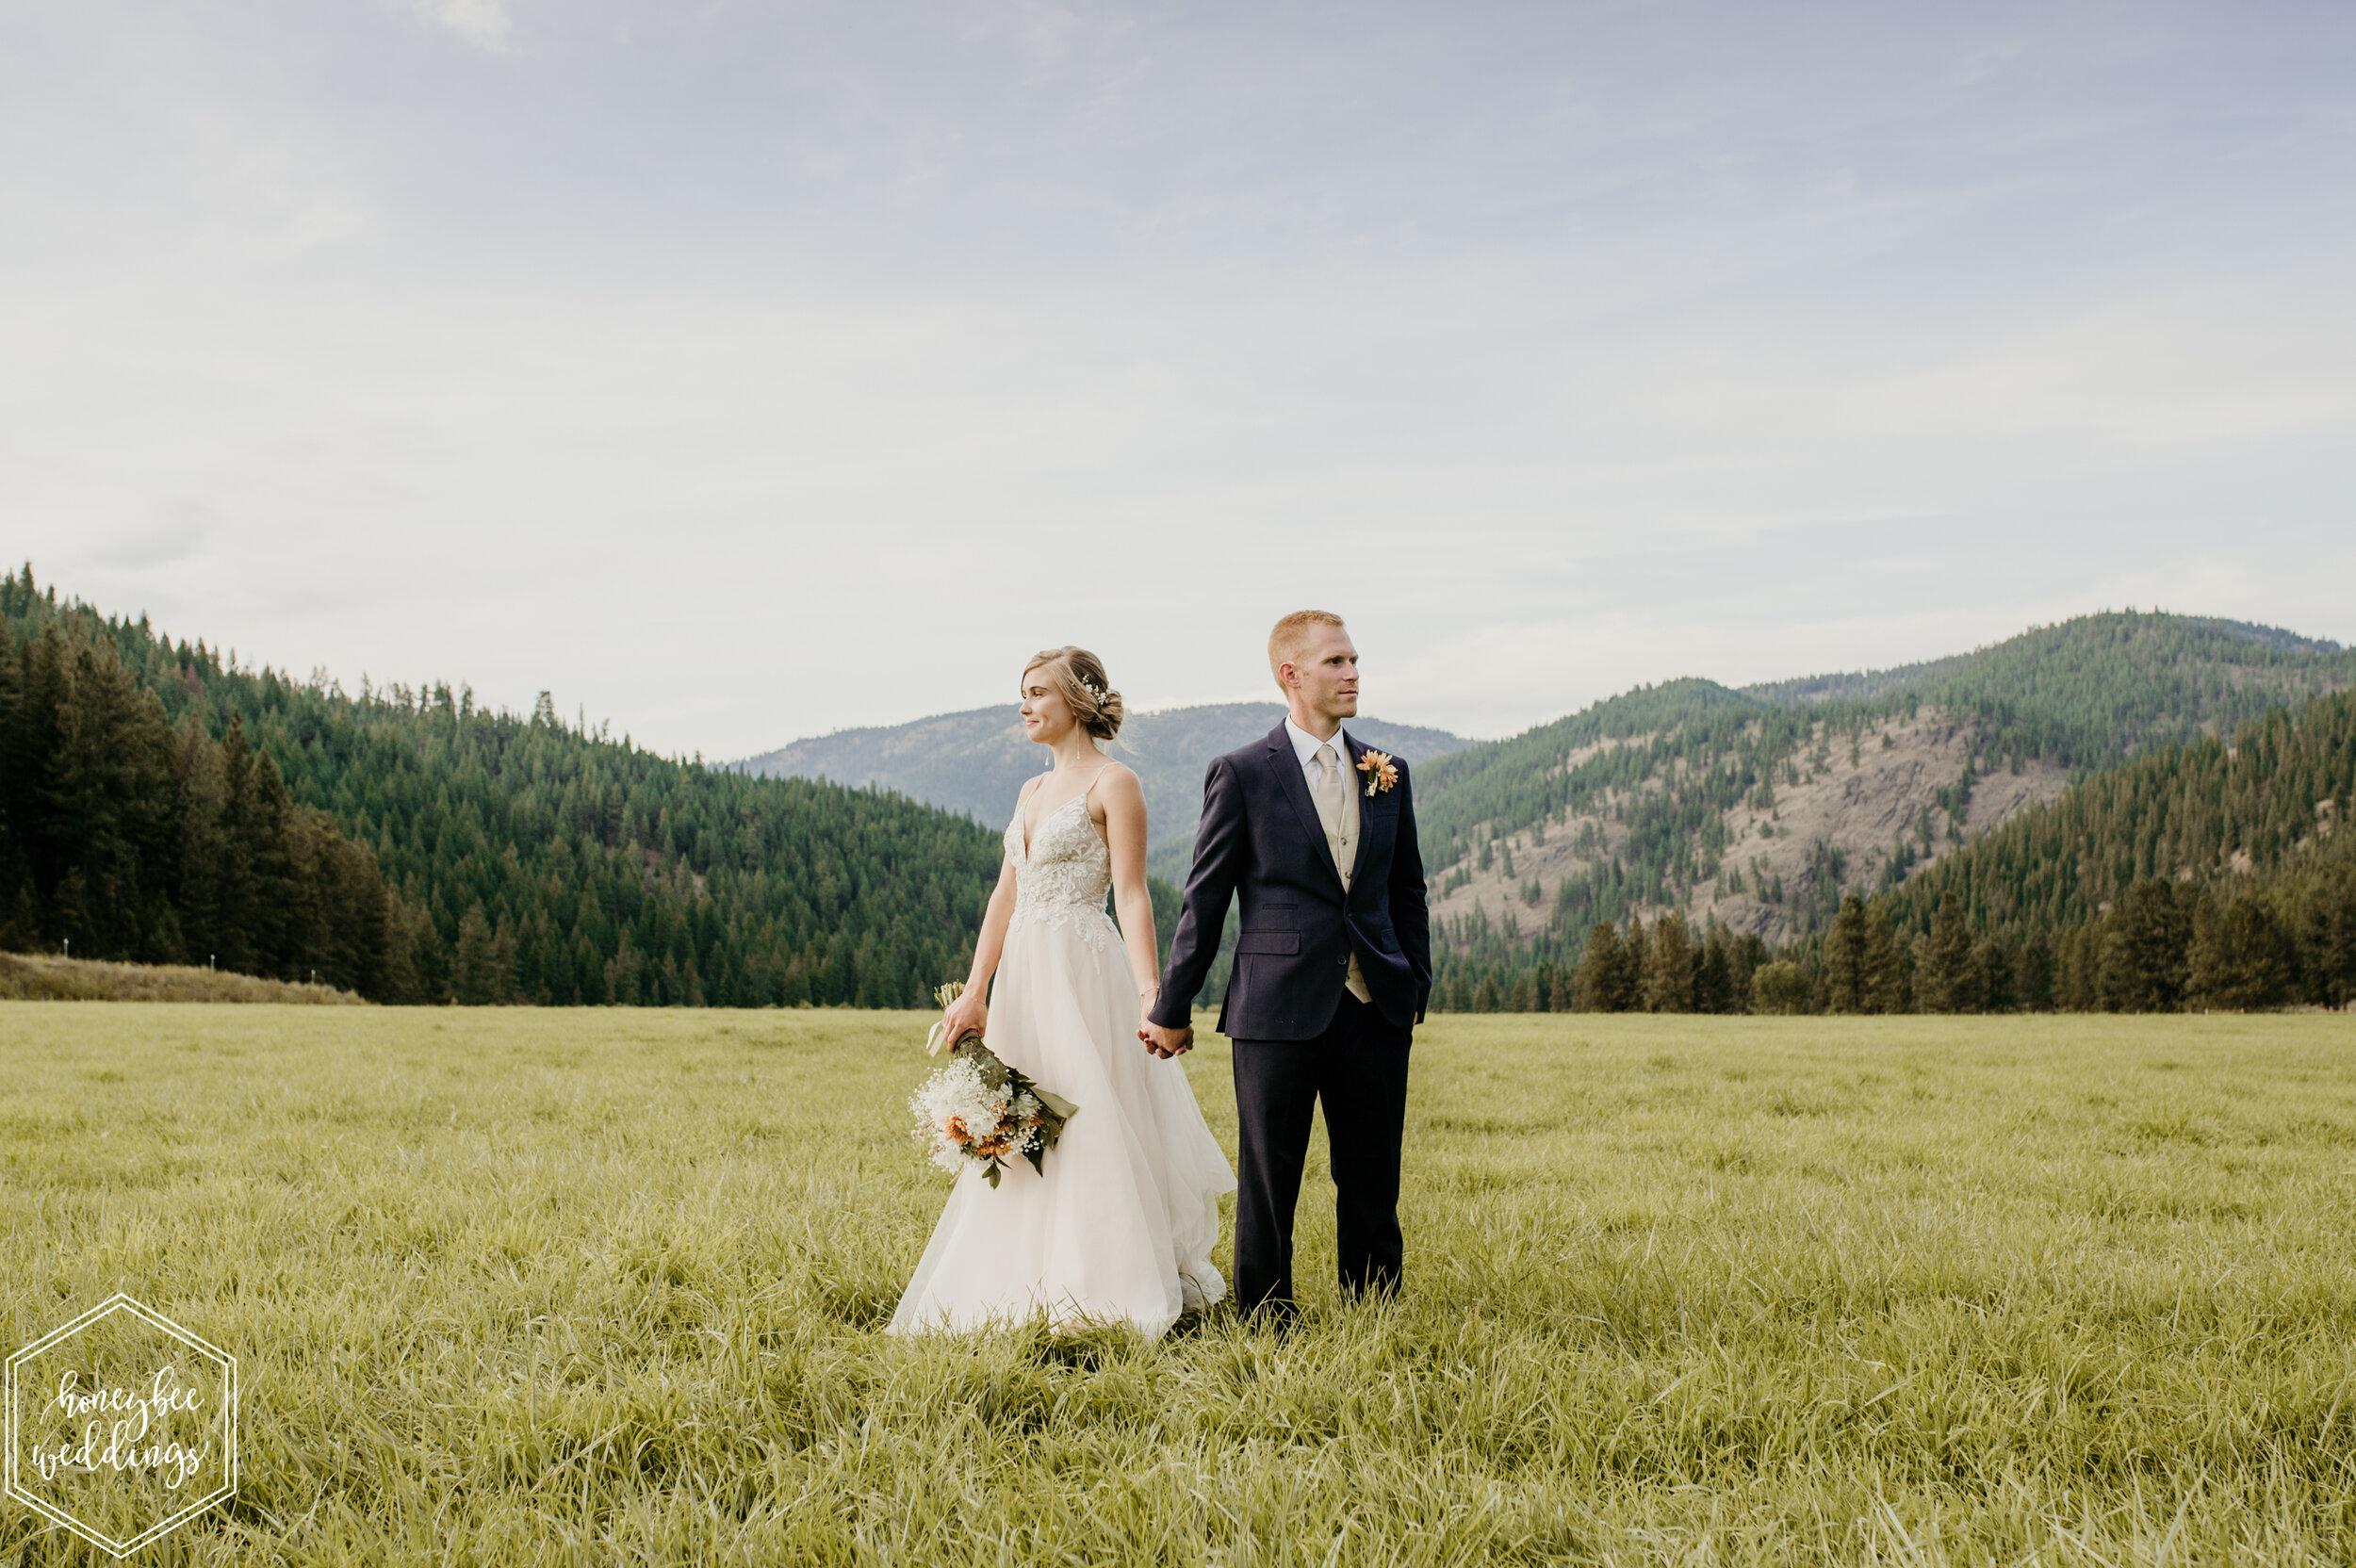 135Seven Mile Meadows Wedding_Montana Wedding Photographer_Jamie & Wes_Honeybee Weddings_September 07, 2019-1622.jpg